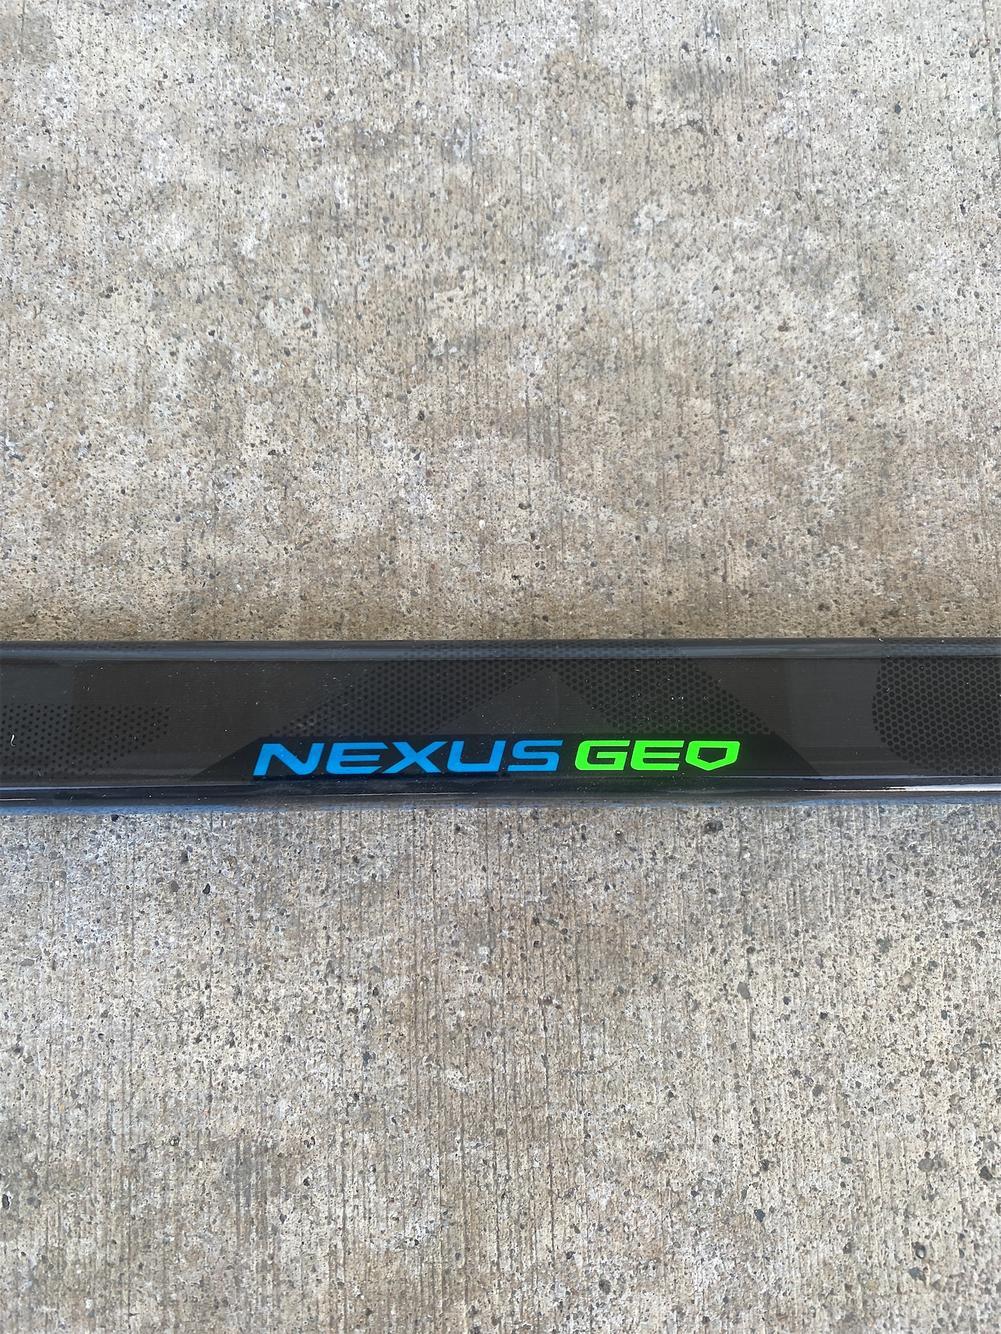 1 Details about  / NEW RH Bauer Nexus Geo Flex 77 P92 Right Senior Hockey Stick Free Shipping